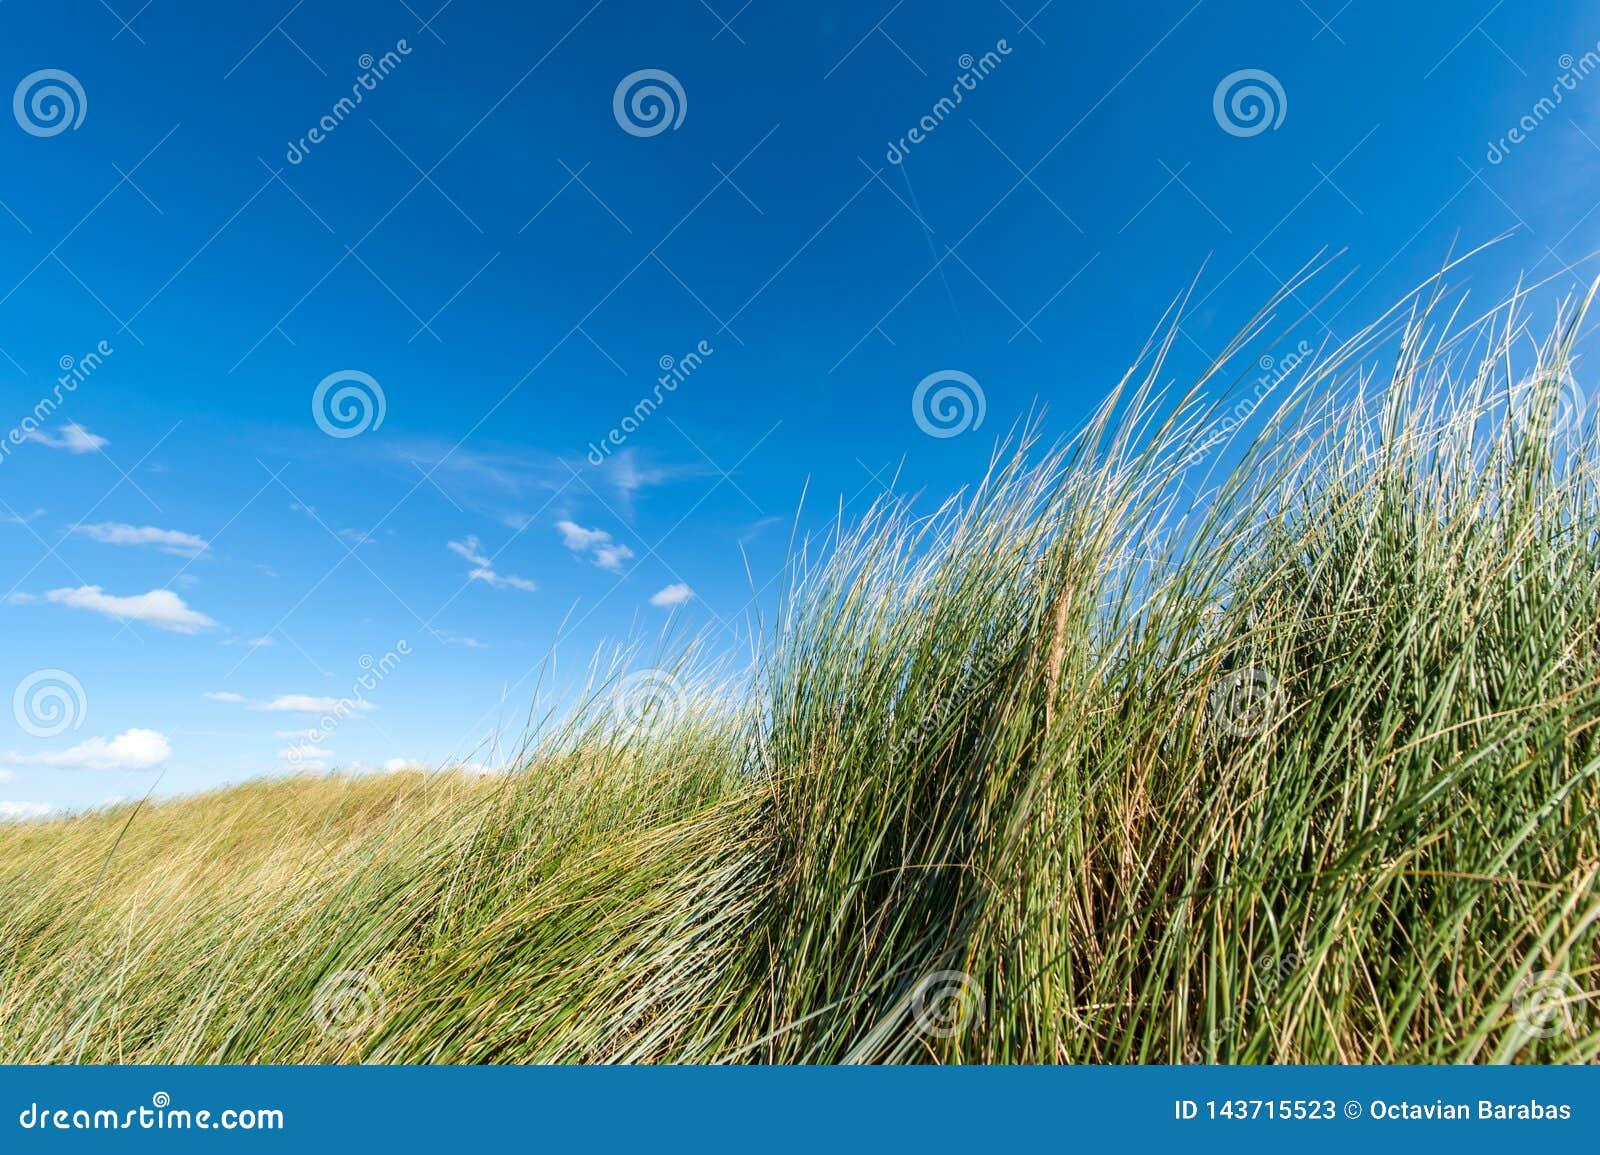 Закройте вверх травы на песчаном пляже